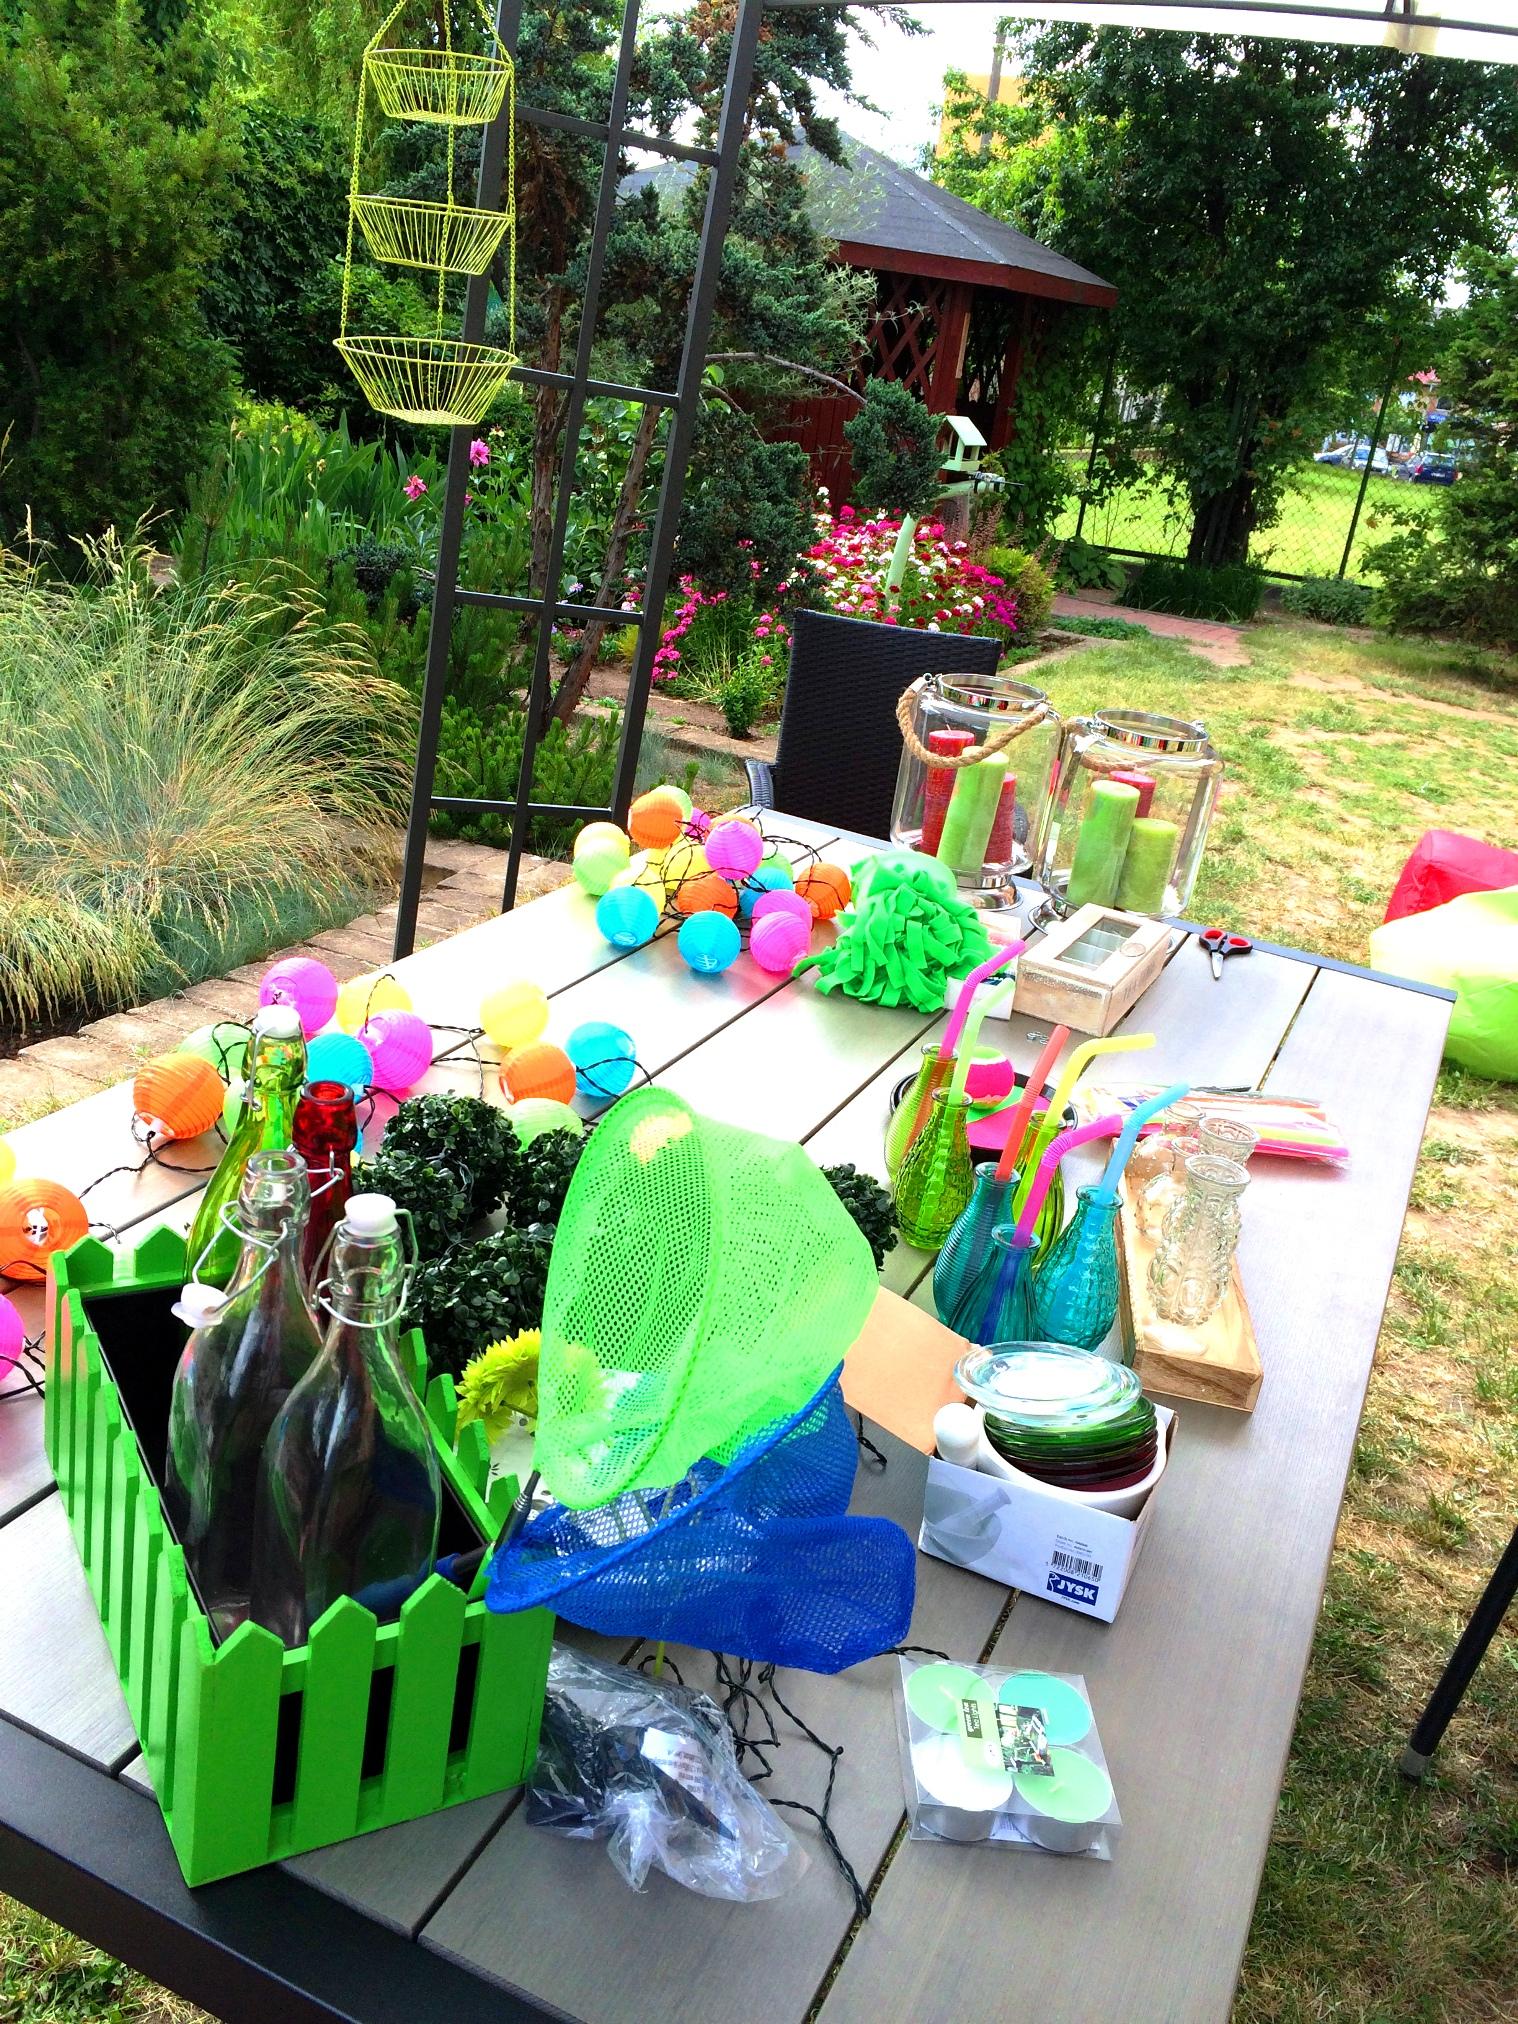 10 jysk metamorfozy projektowanie dekorowanie ogrodu garden party decorating ideas landscape design forelementspl jysk15lat jyskmetamorfozy